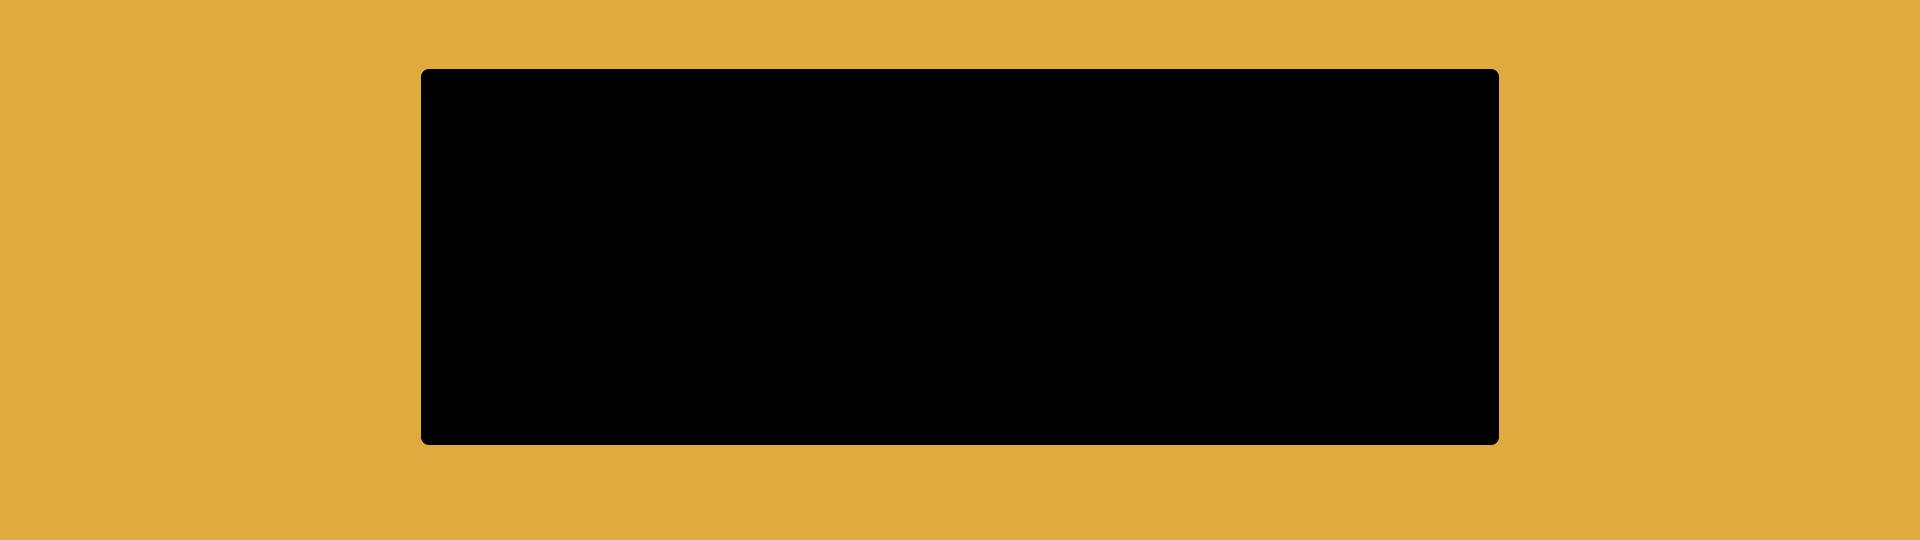 CATEGORY-HIRDAV-PAZARTAMIRMERAKLILARI-05-07